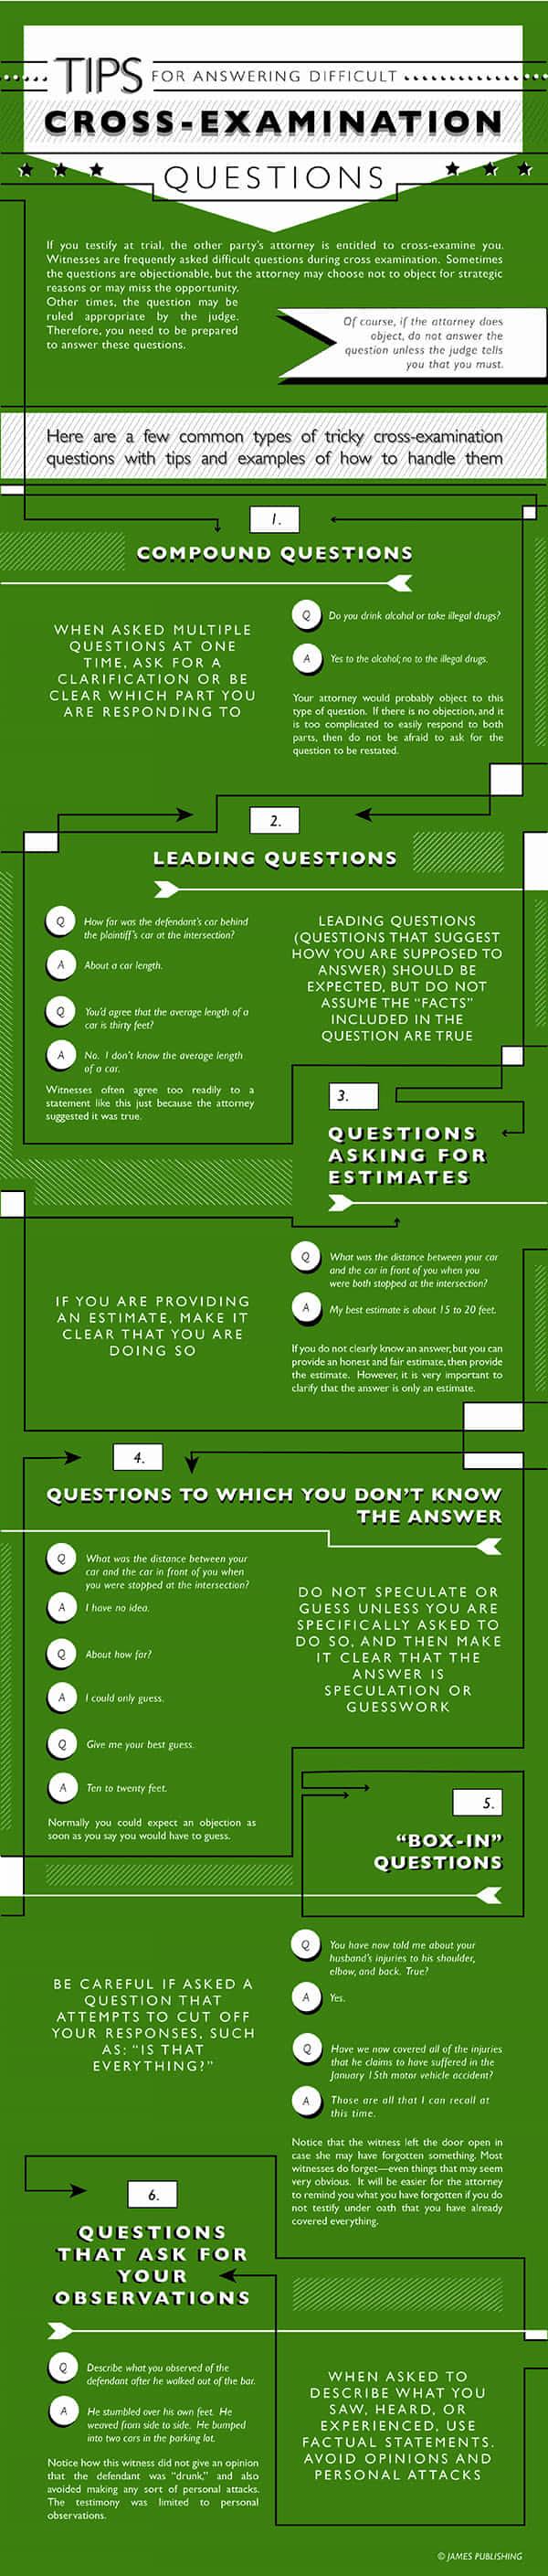 Info-PI-21.-Cross-Examination-Tips-green-min